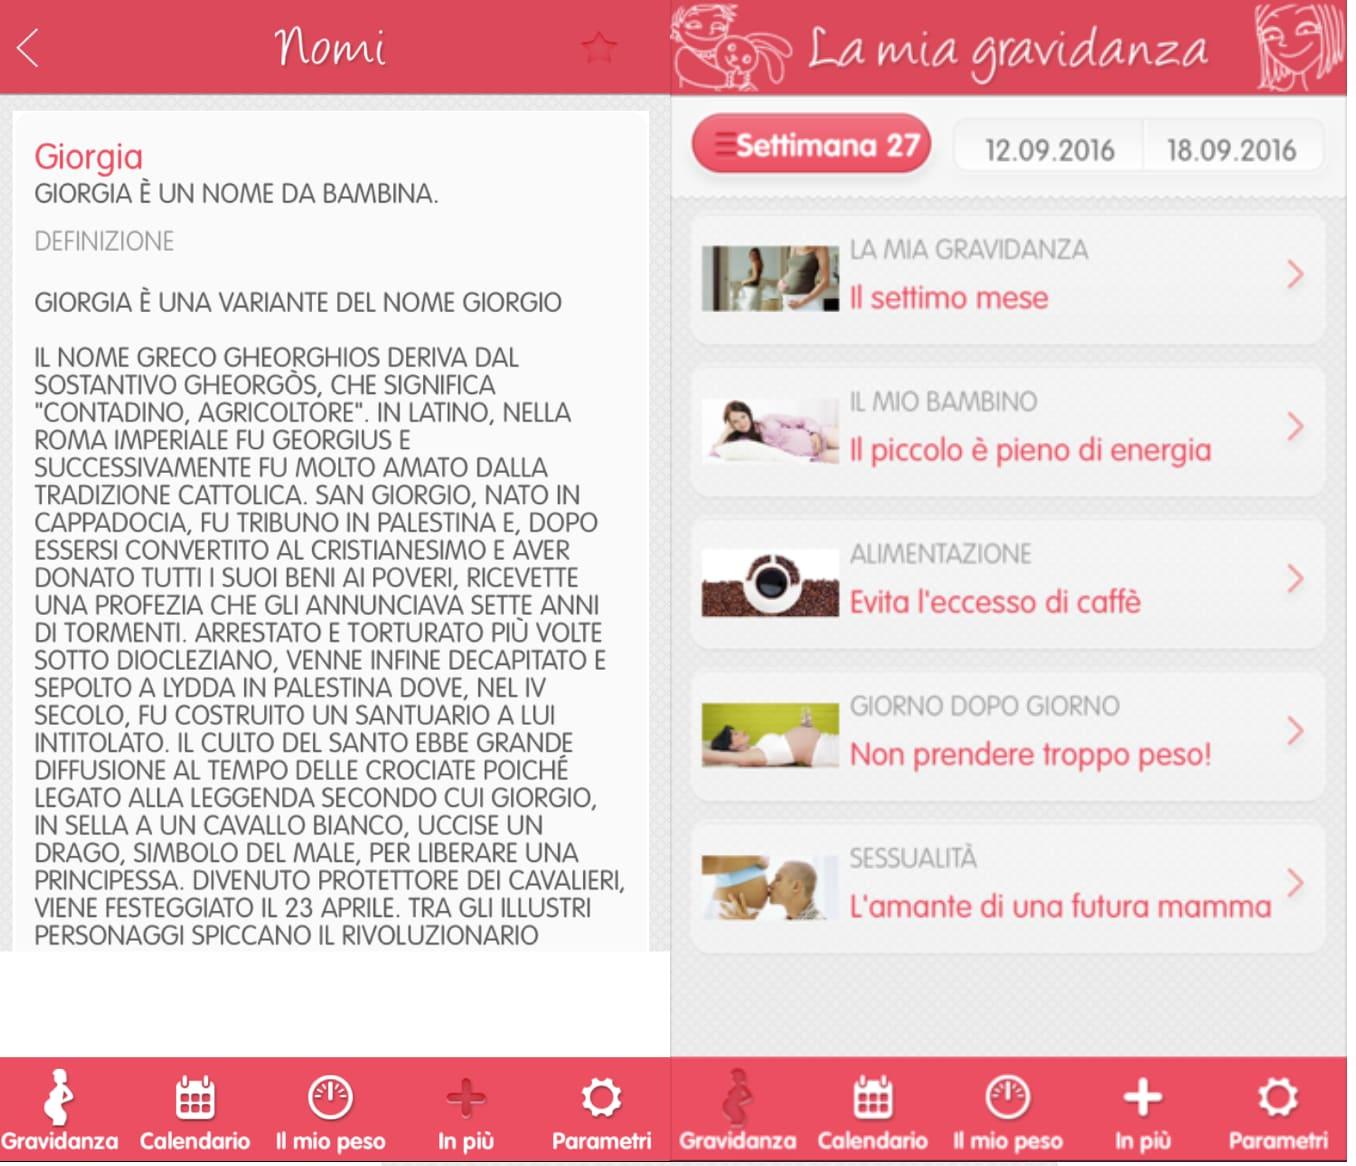 Molto Gravidanza: 8 app da scaricare sullo smartphone - Nostrofiglio.it OM34